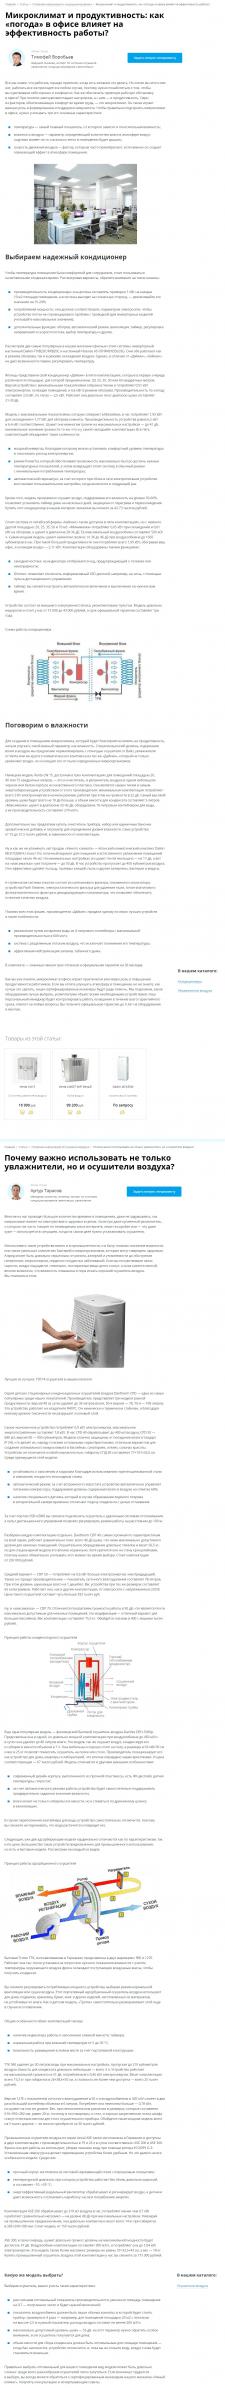 КЛИМАТИЧЕСКАЯ ТЕХНИКА | Интернет-магазин iClim